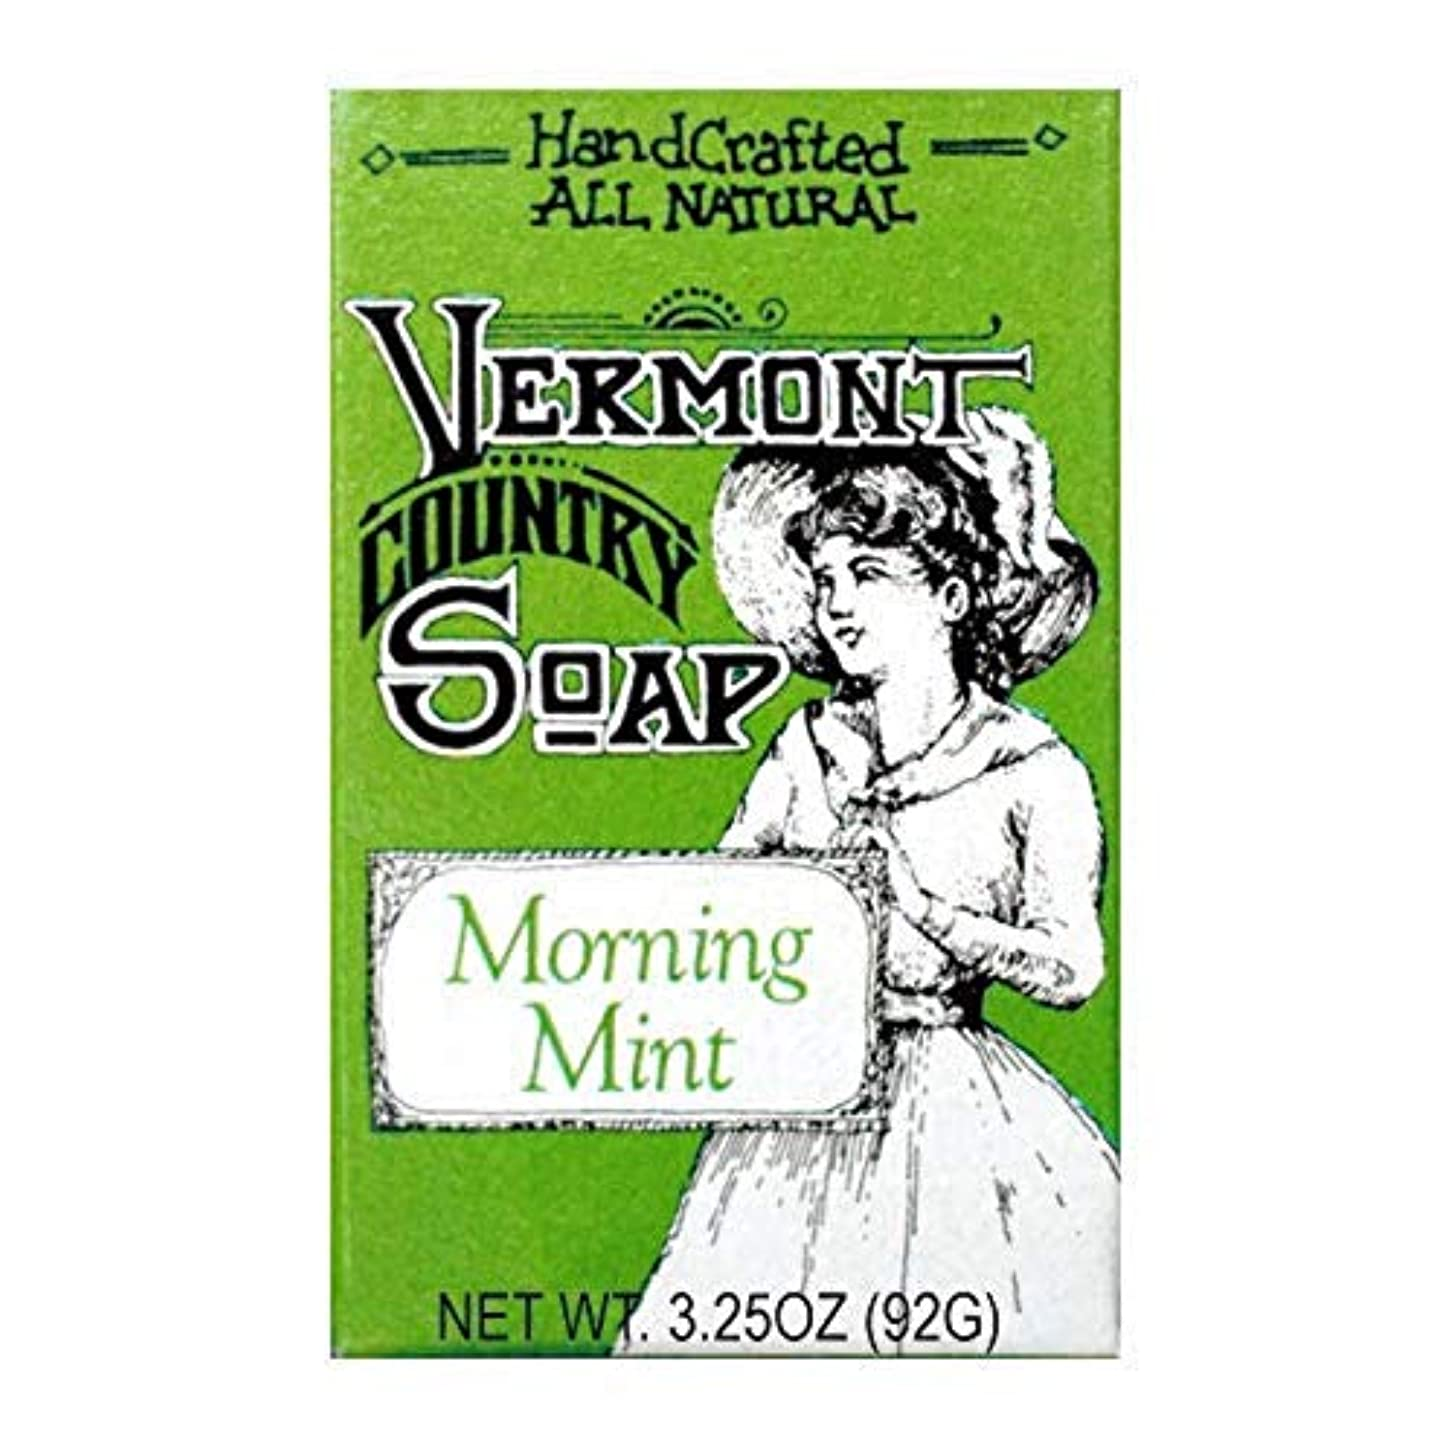 暗殺する程度処方バーモントカントリーソープ (モーニングミント) オーガニック石鹸 洗顔 92g